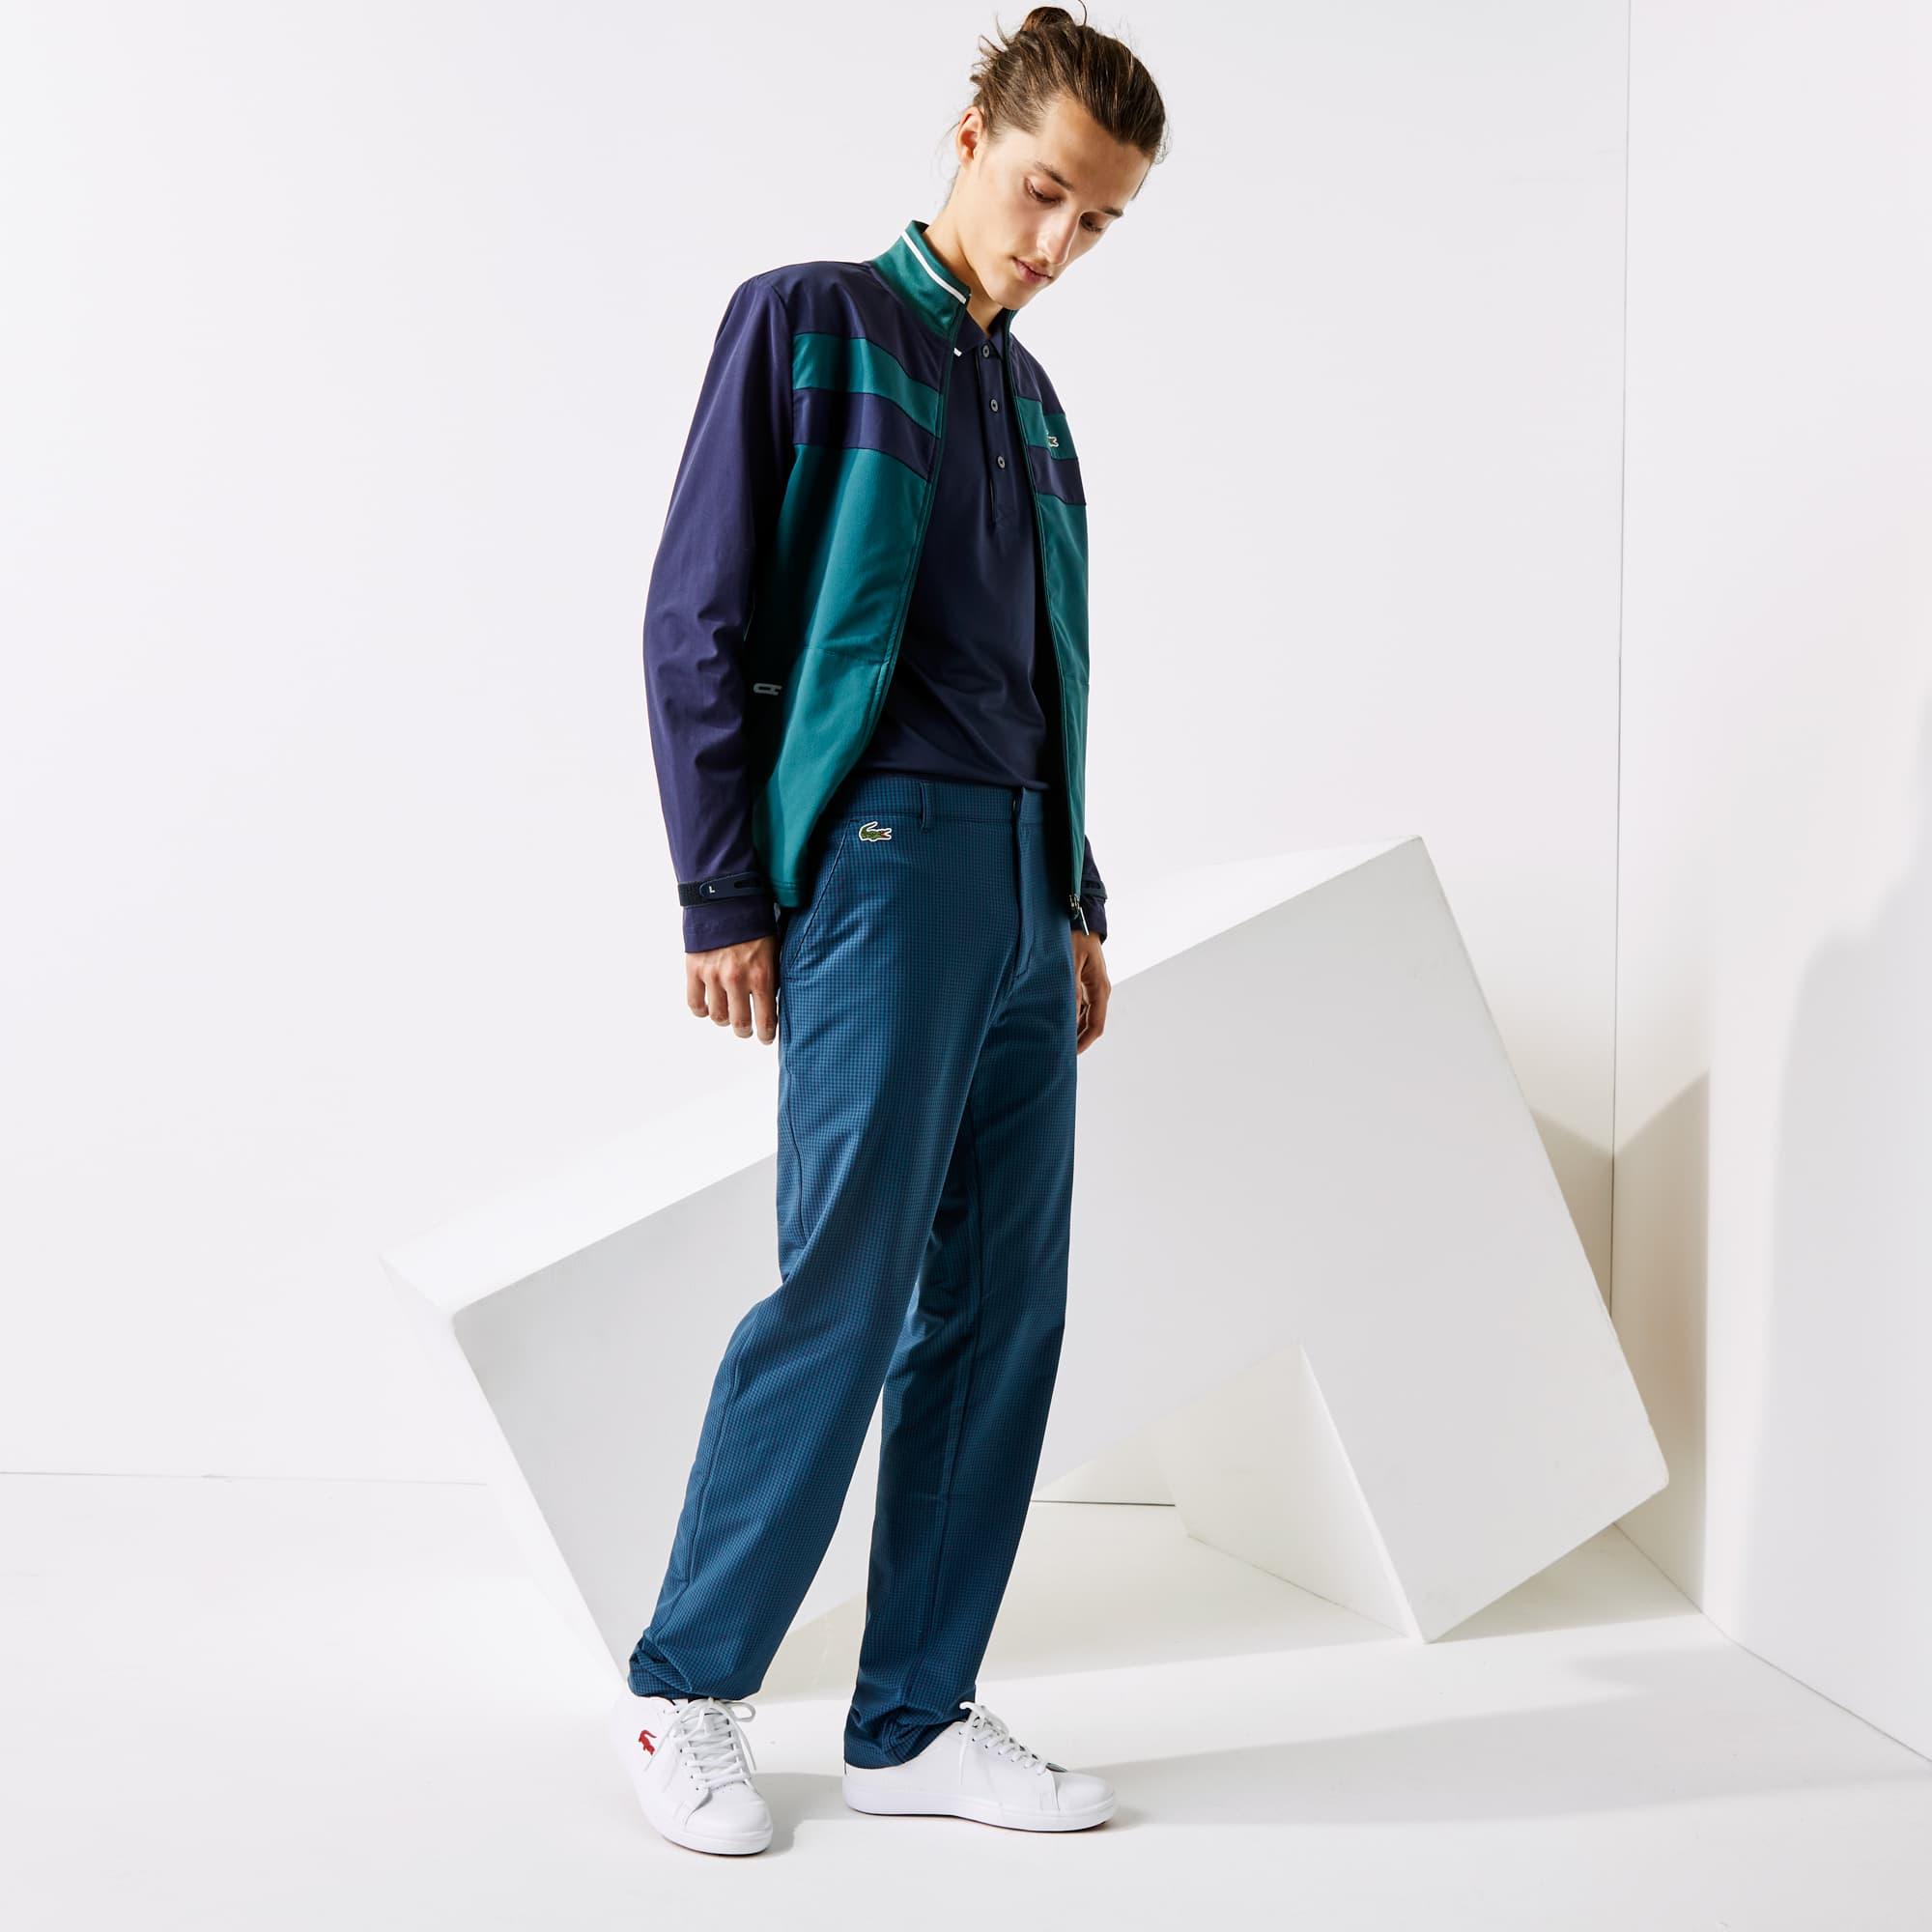 라코스테 스포츠 골프 팬츠 Mens Lacoste SPORT Checkered Technical Golf Pants,Navy Blue / Green • DVQ